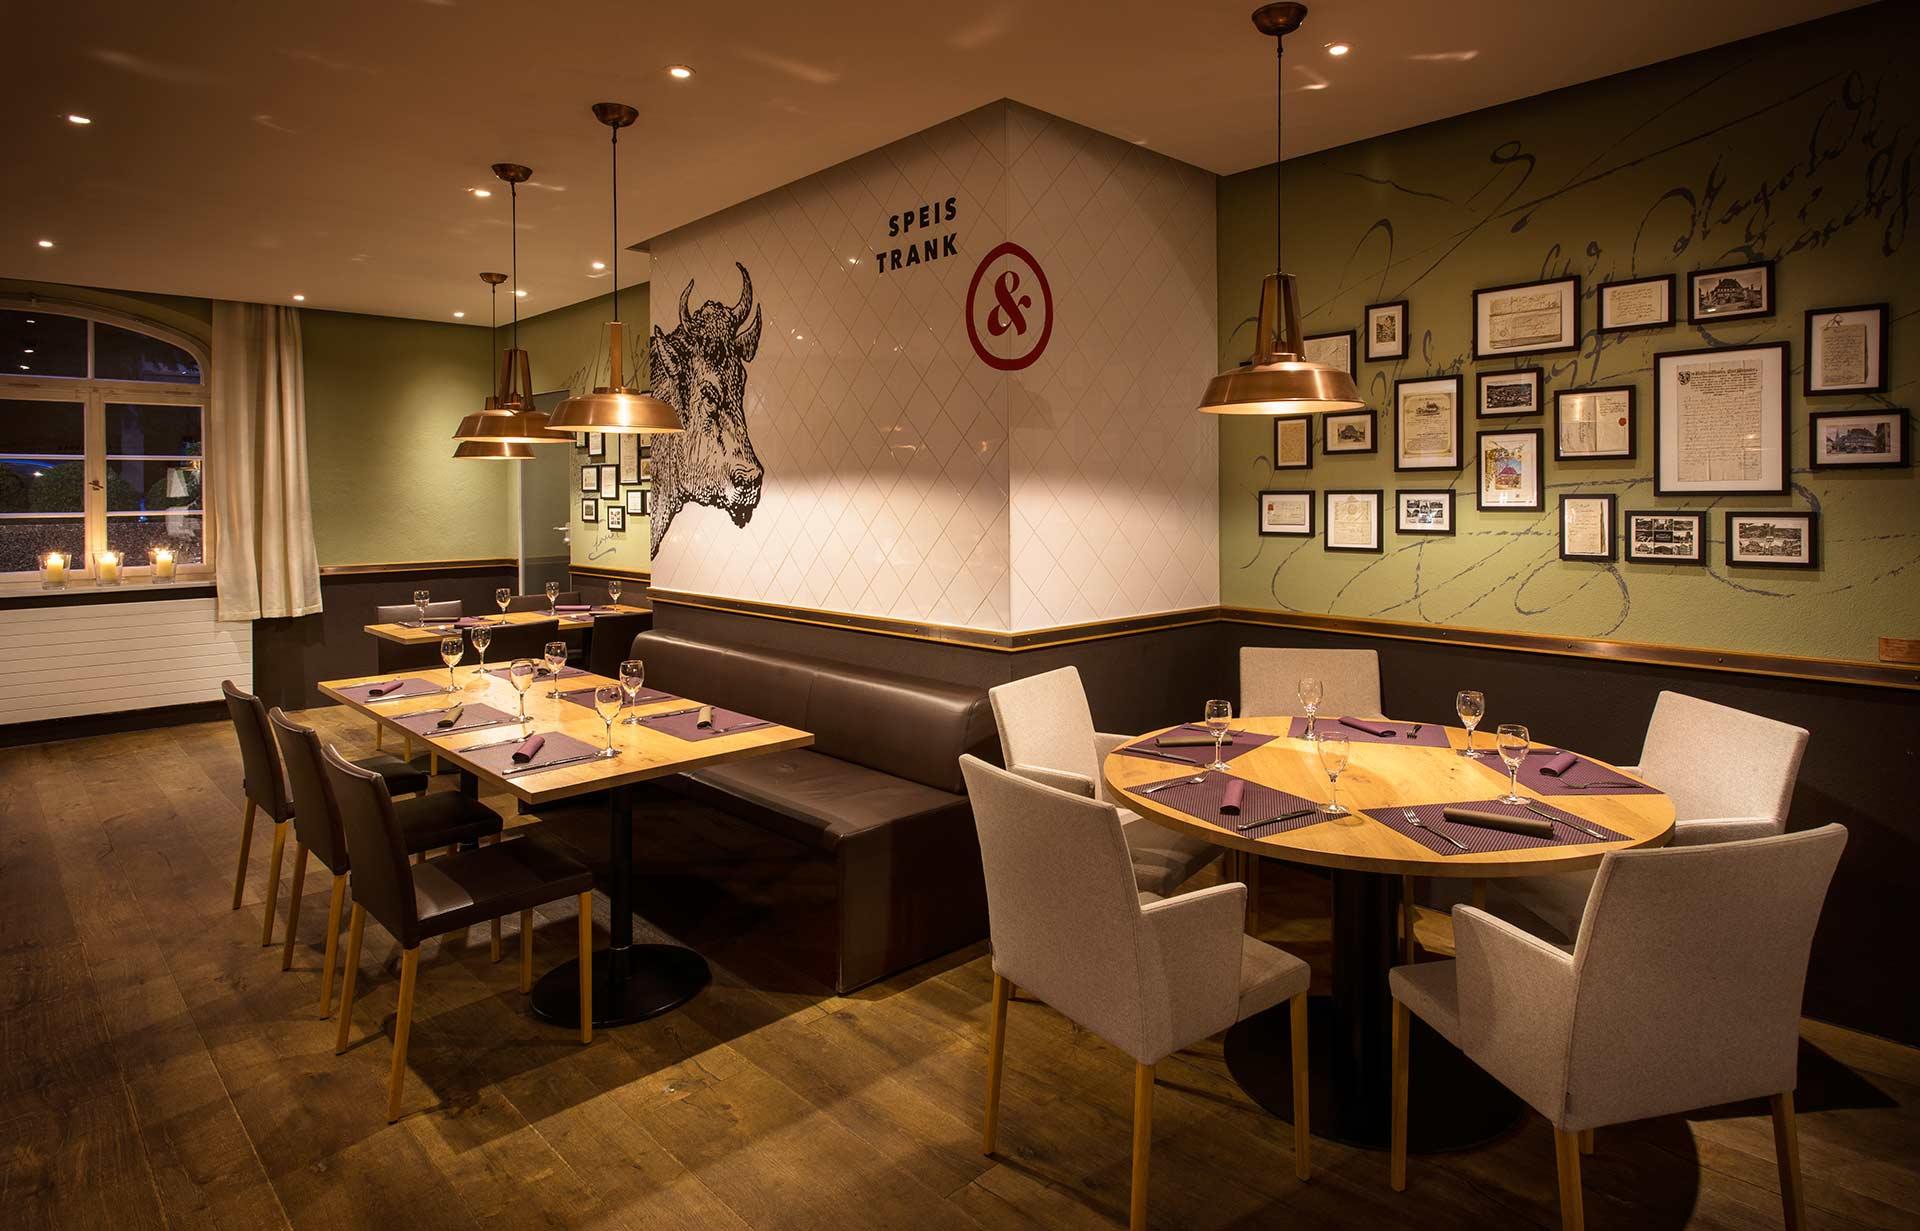 Innenraum des Restaurantteils mit gedeckten Tischen und neu gestalteten Wänden.